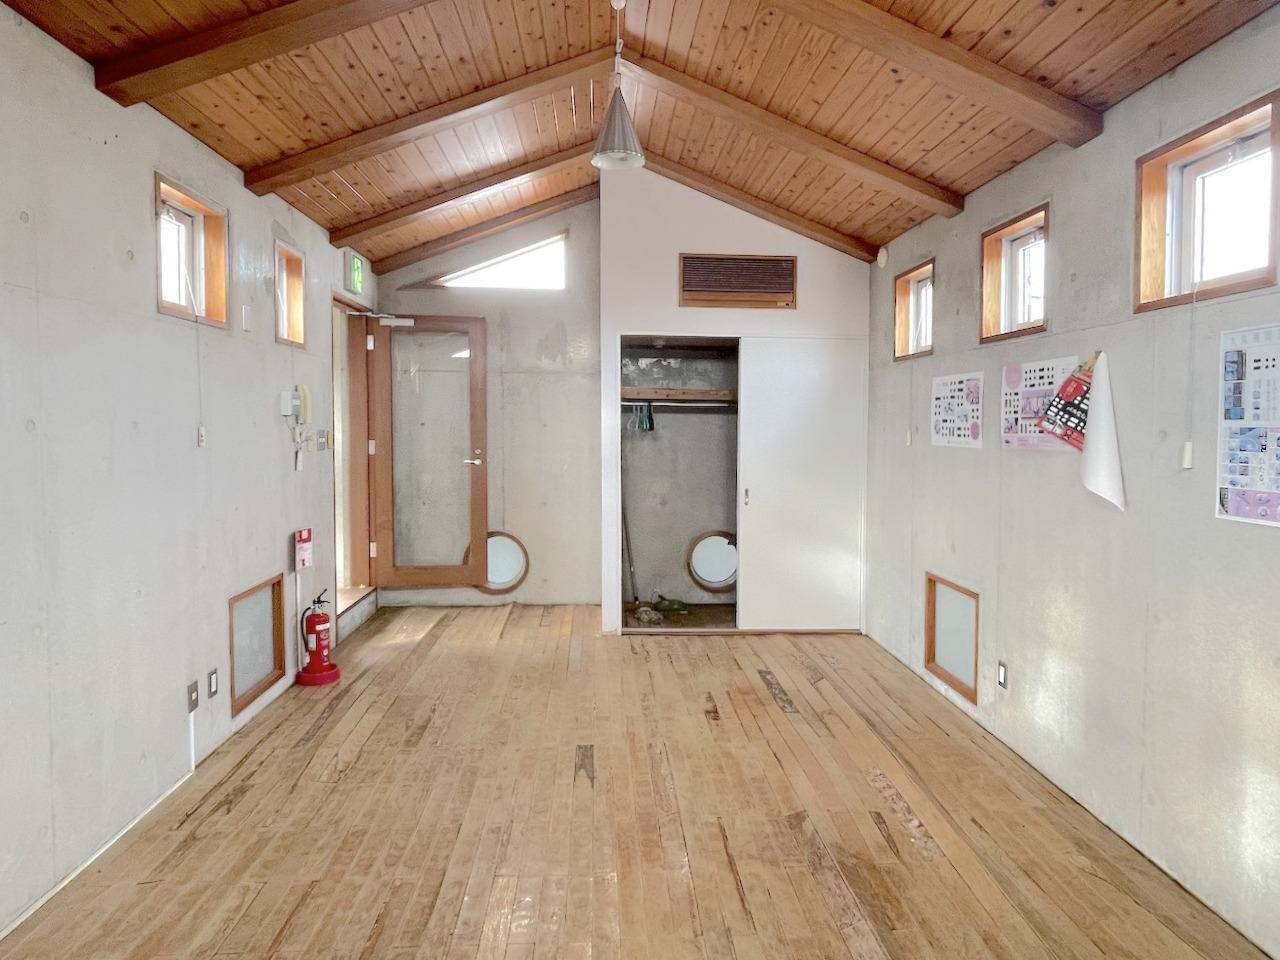 3階の個室はこじんまりと。床は改装が必要かと。